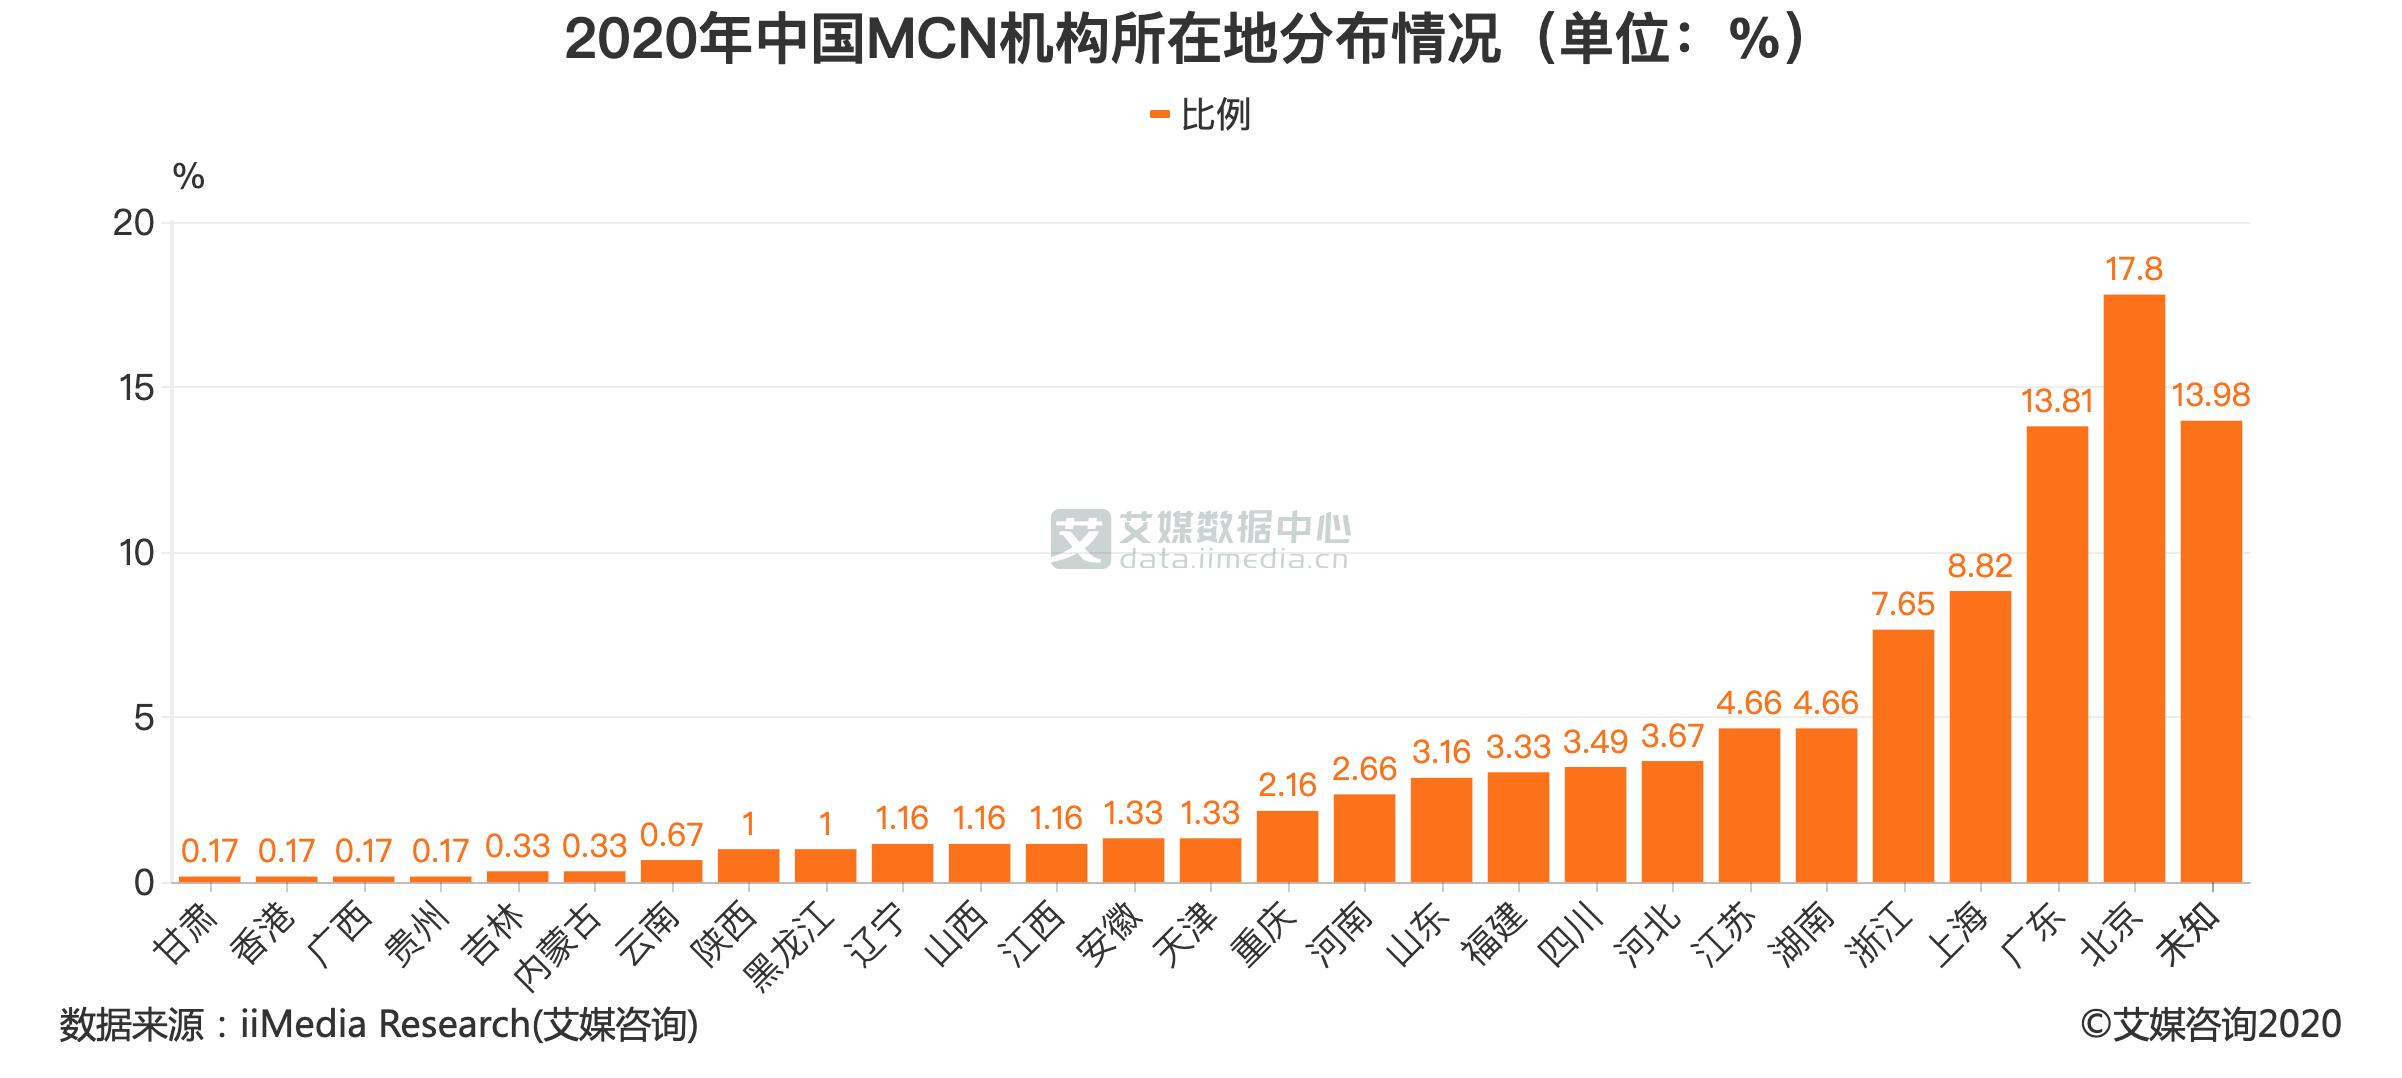 2020年中国MCN机构所在地分布情况(单位:%)